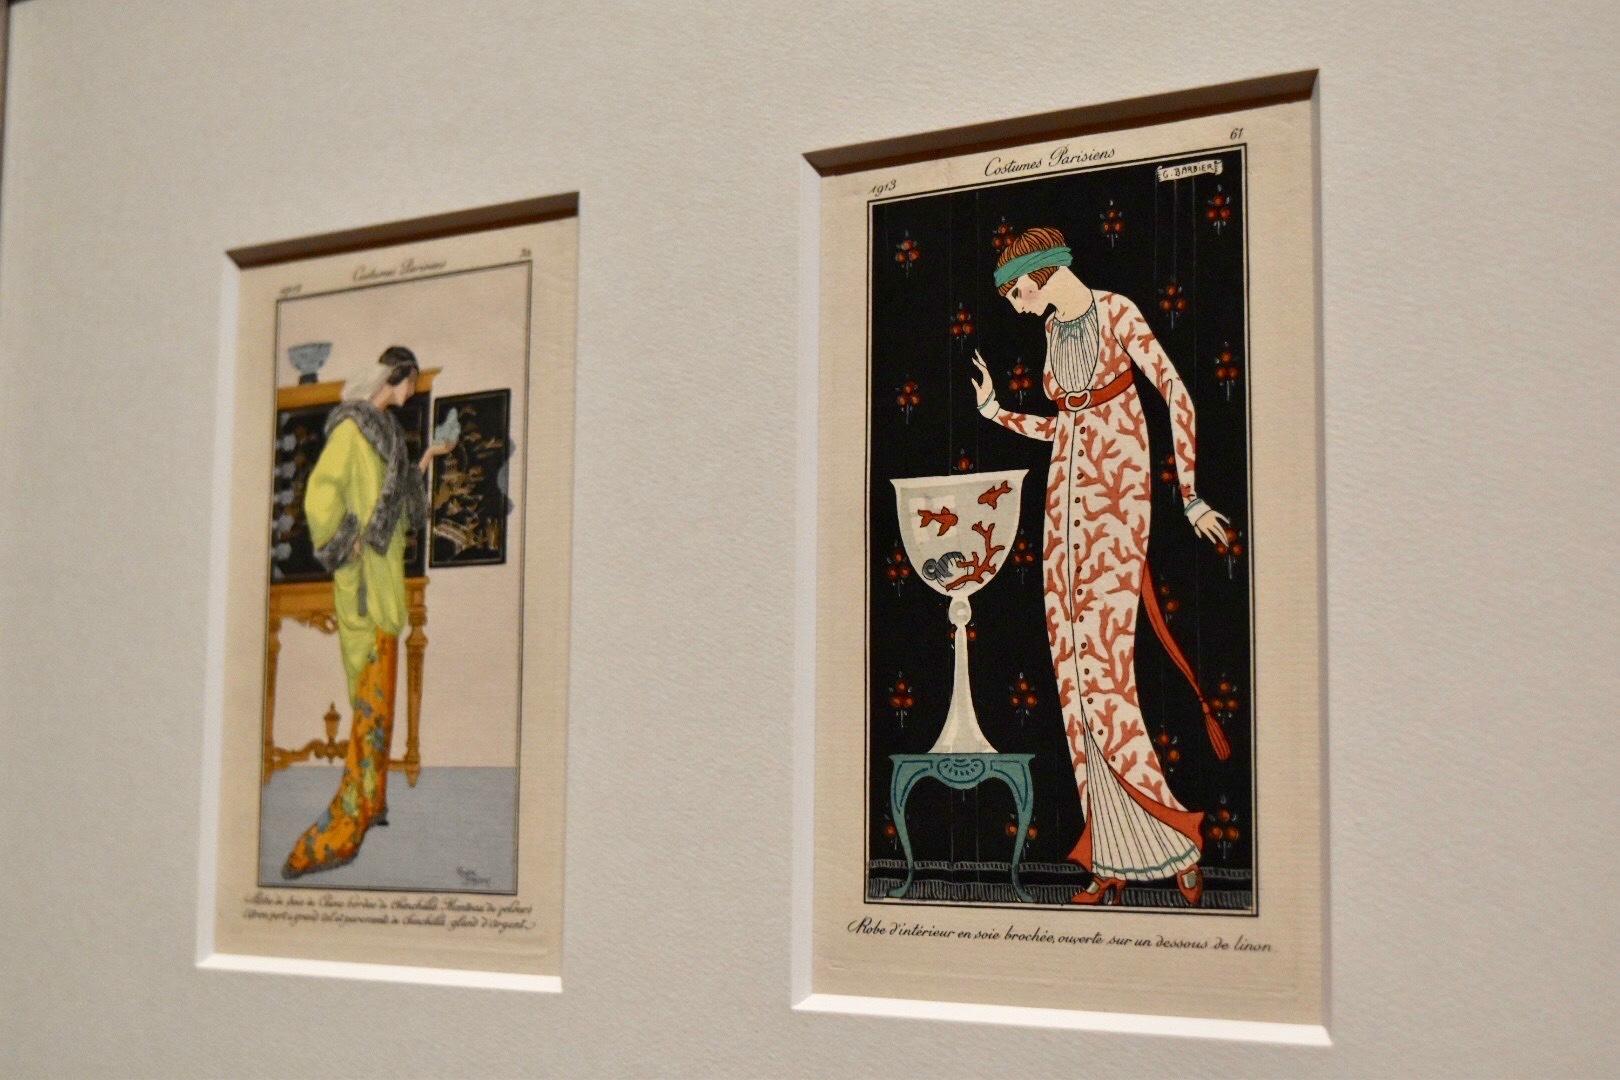 「まえが大きく開いた絹ブロケードの部屋着に、寒冷紗の内着」『ジュルナル・デ・ダーム・エ・デ・モード』より(No.29 PI.61) ジョルジュ・バルビエ 1913年 島根県立石見美術館蔵